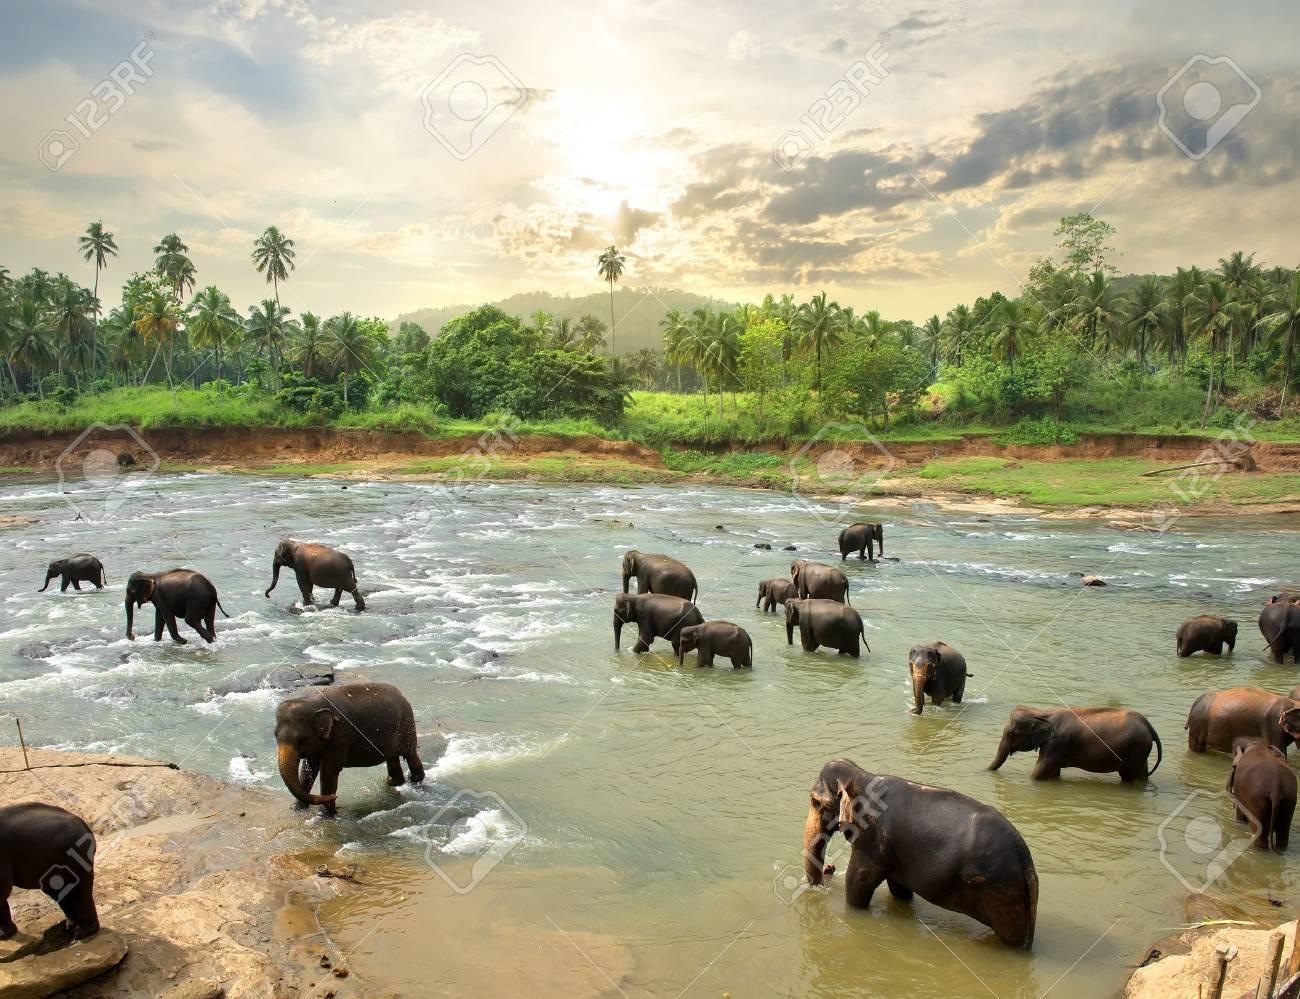 Elephants in water of jungle river, Sri Lanka - 55484207